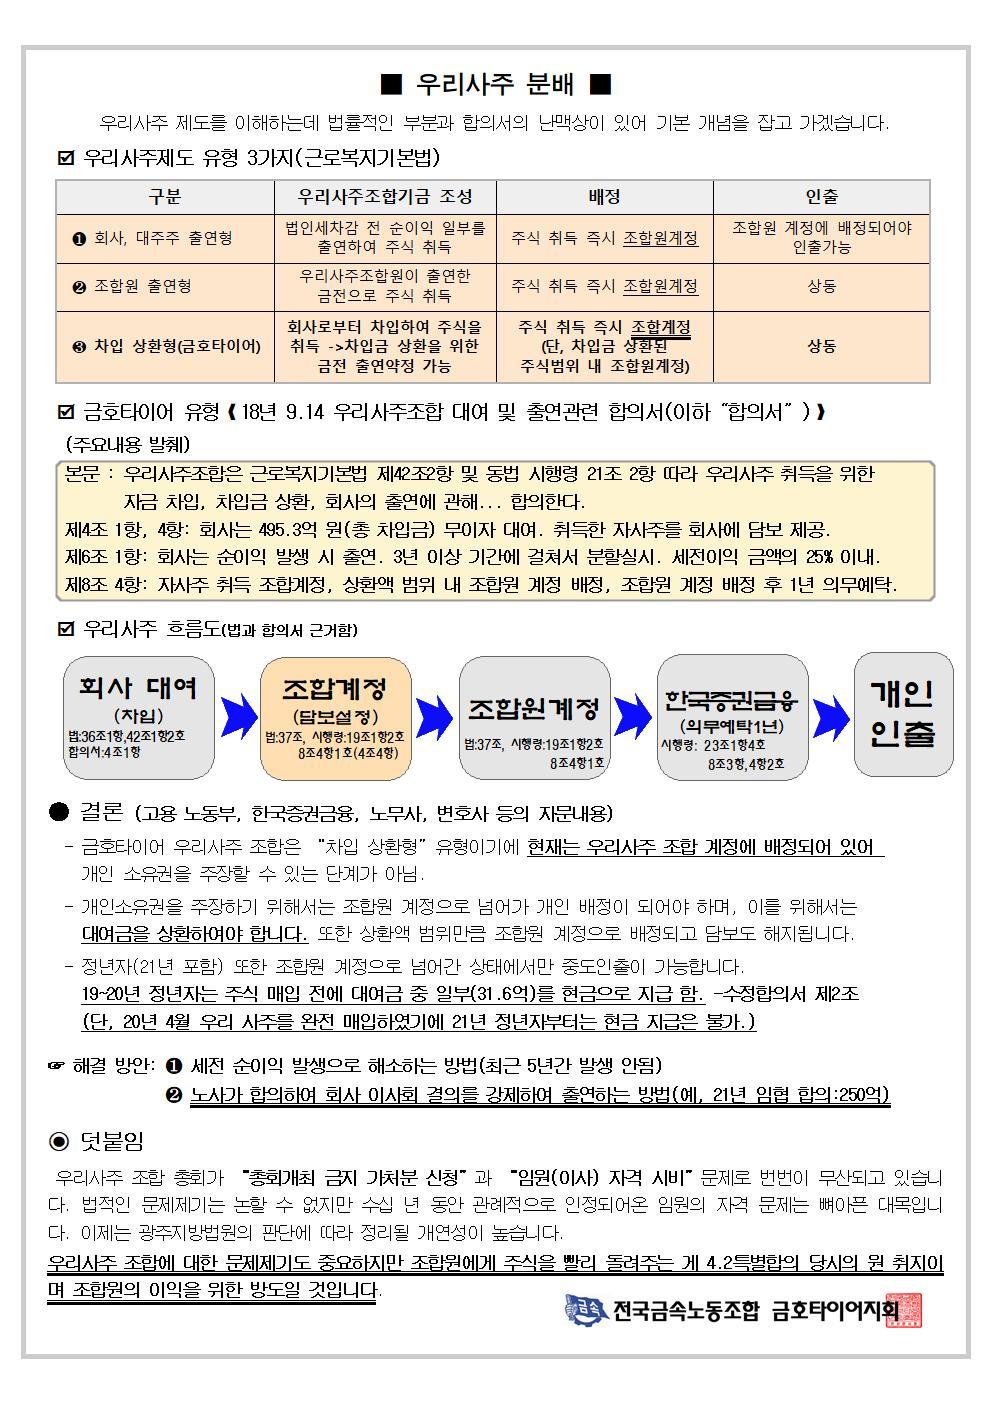 승리의길 64호 잠정합의 설명(확정)002.jpg